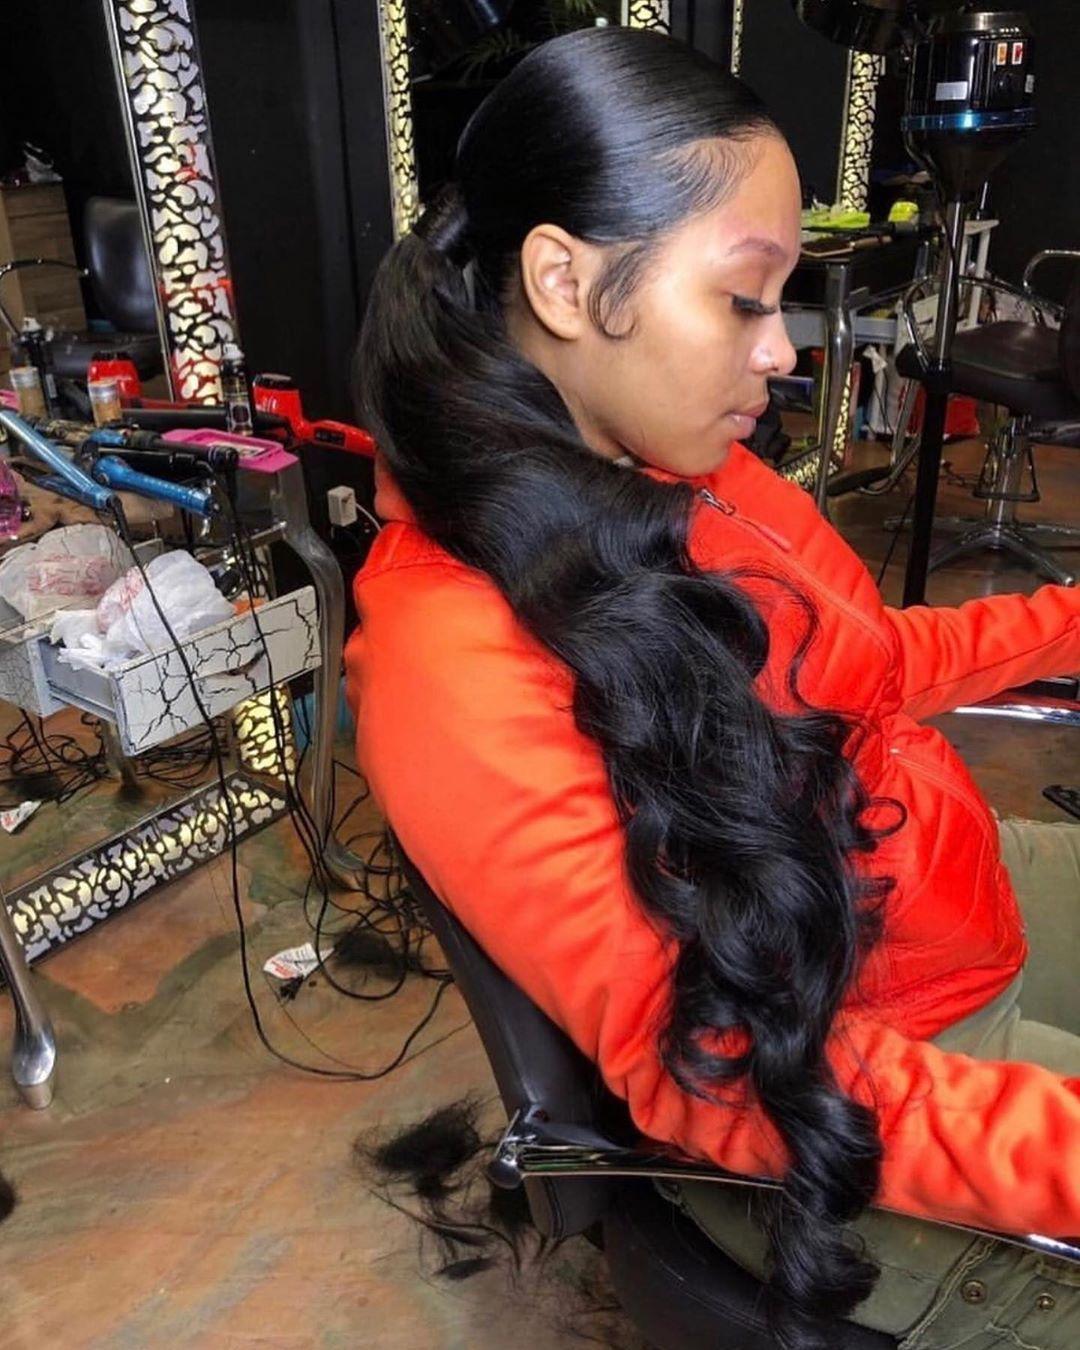 Lob Hair Prom Hairstyles Cute Hairstyles Hair Scrunchie Winterformal Hairstyles Hairstyles Short Sha In 2020 Weave Ponytail Hairstyles Hair Styles Sleek Ponytail